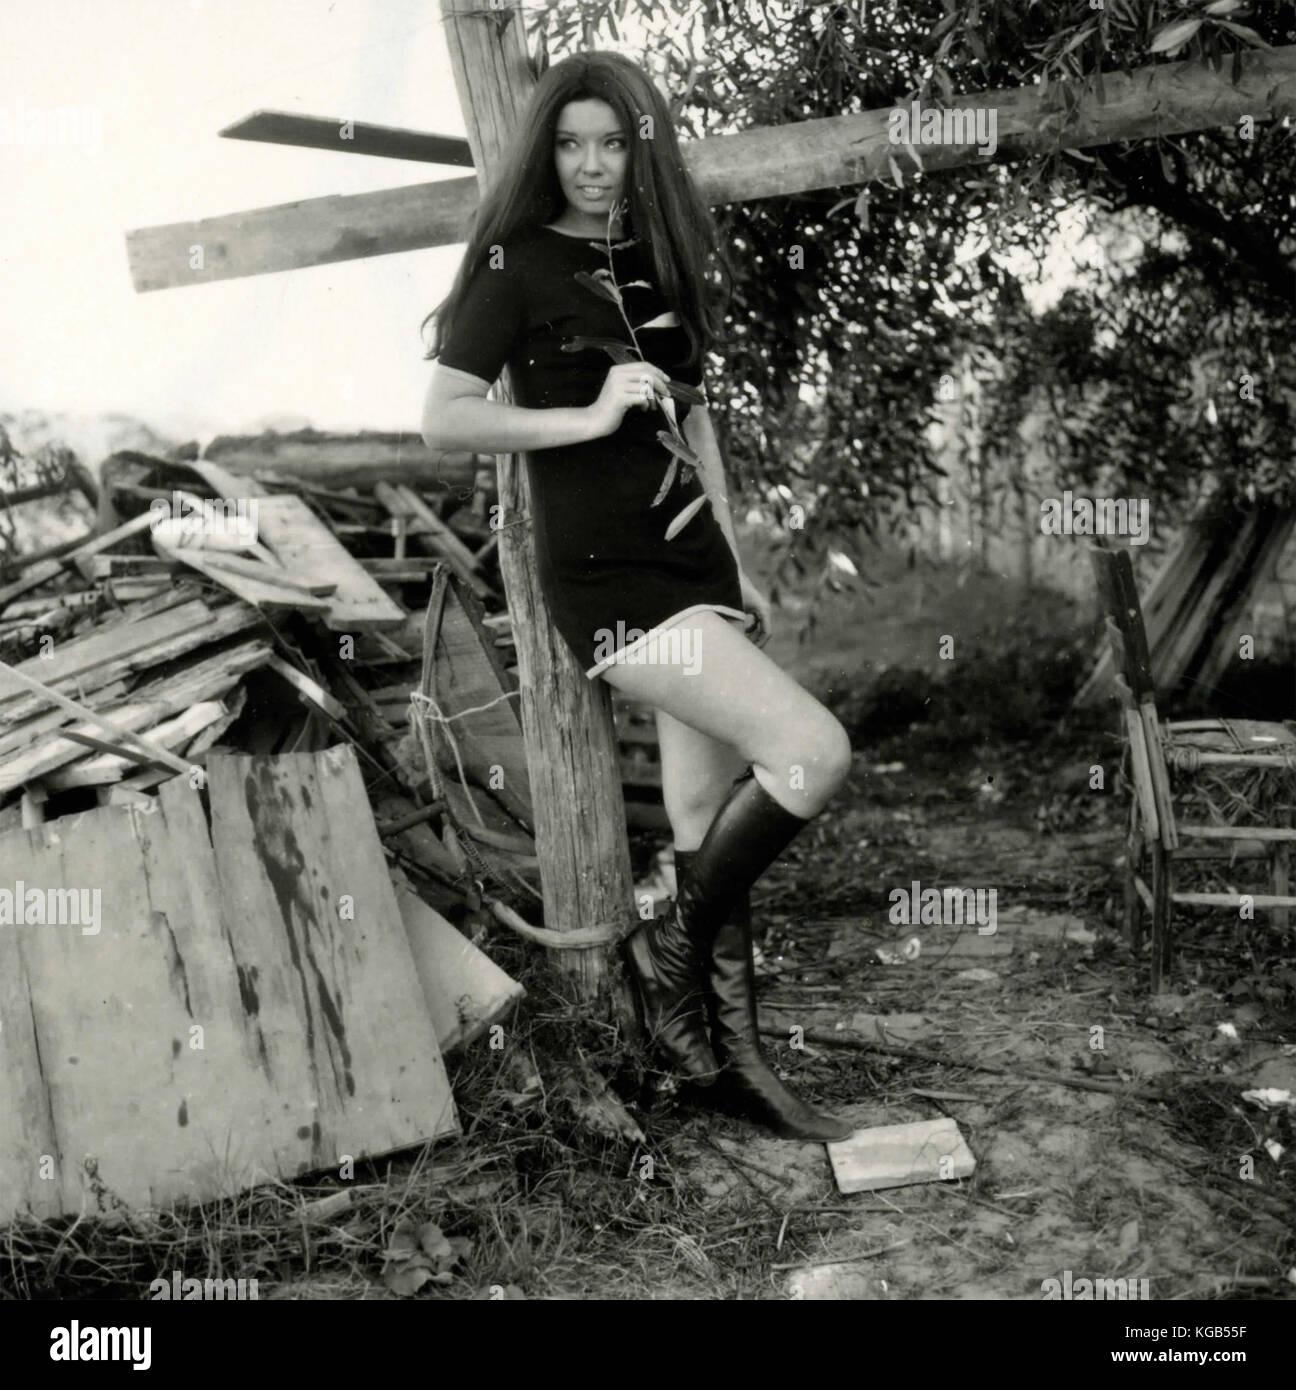 e081f6227c4d Mini Skirt 1970 Stock Photos & Mini Skirt 1970 Stock Images - Alamy